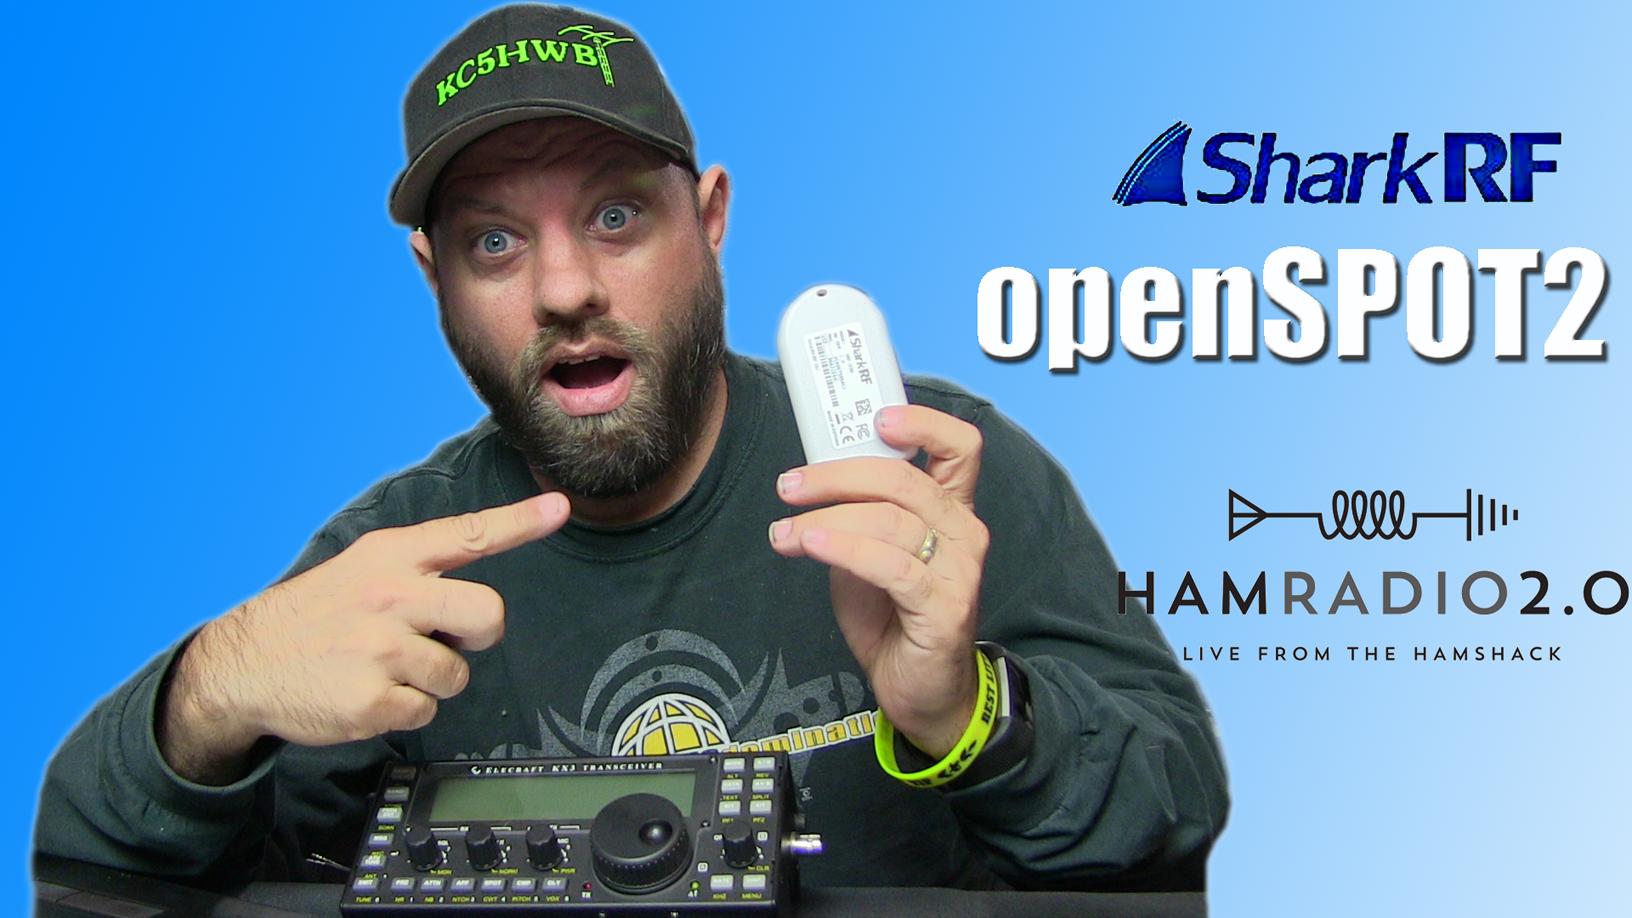 Episode 160: SharkRF openSPOT2 Debut and Setup